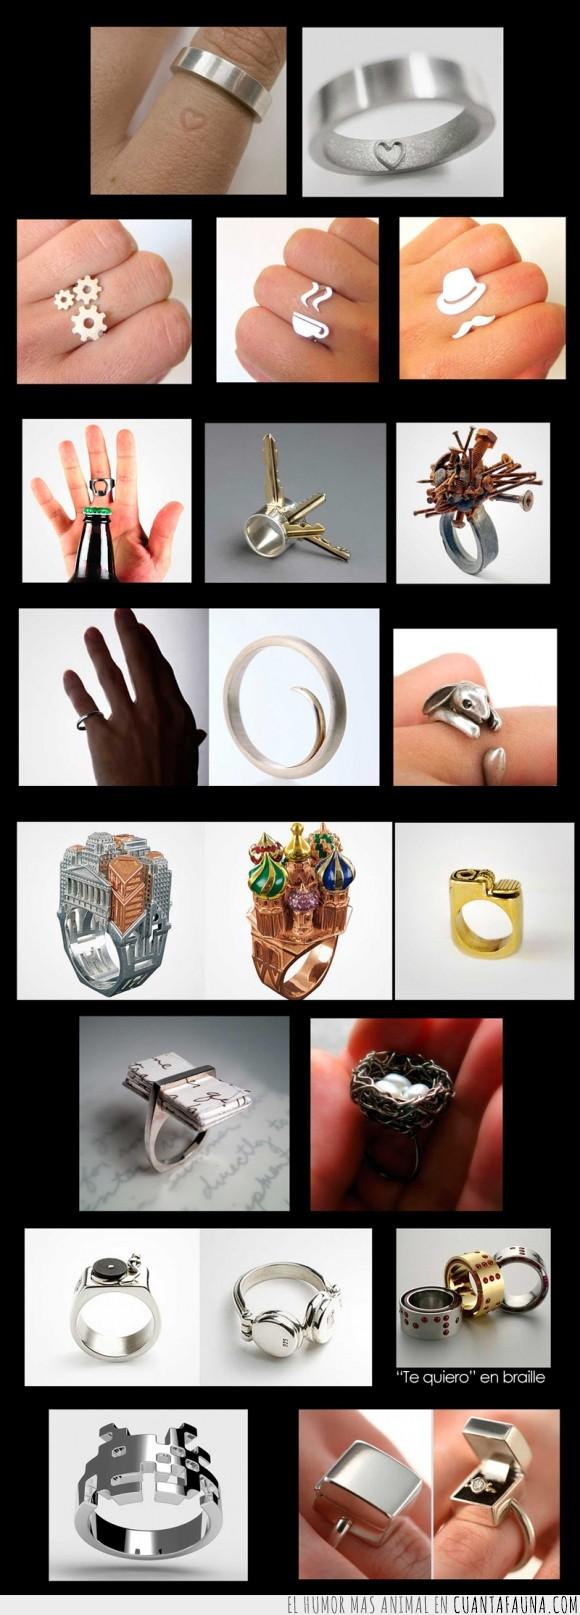 alianza,anillos,arquitectura,braille,conejo,diseño,mechero,nido,pedida,space invader